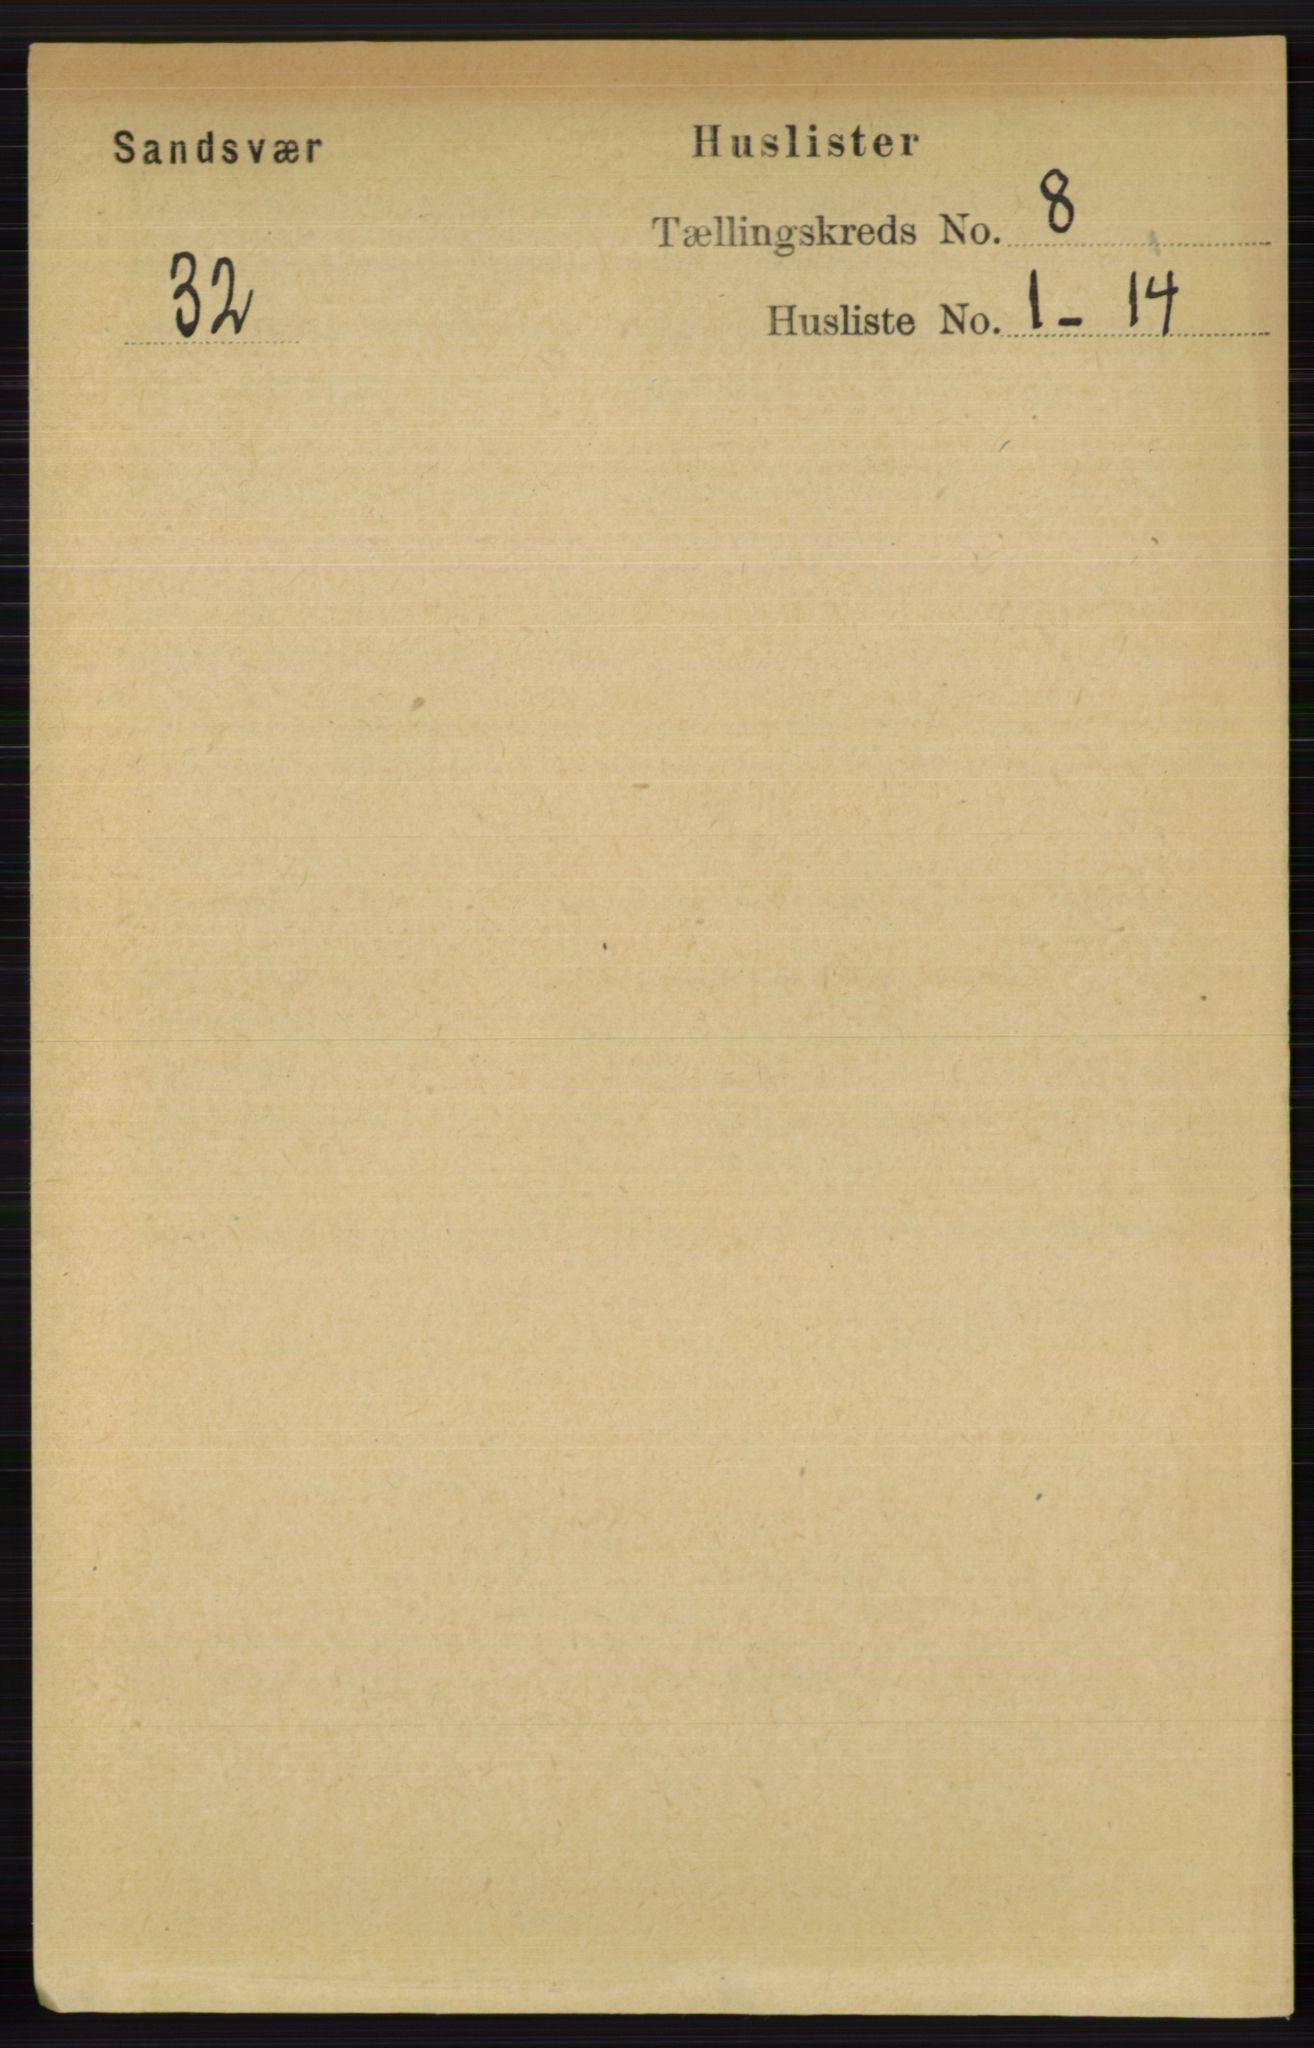 RA, Folketelling 1891 for 0629 Sandsvær herred, 1891, s. 4266